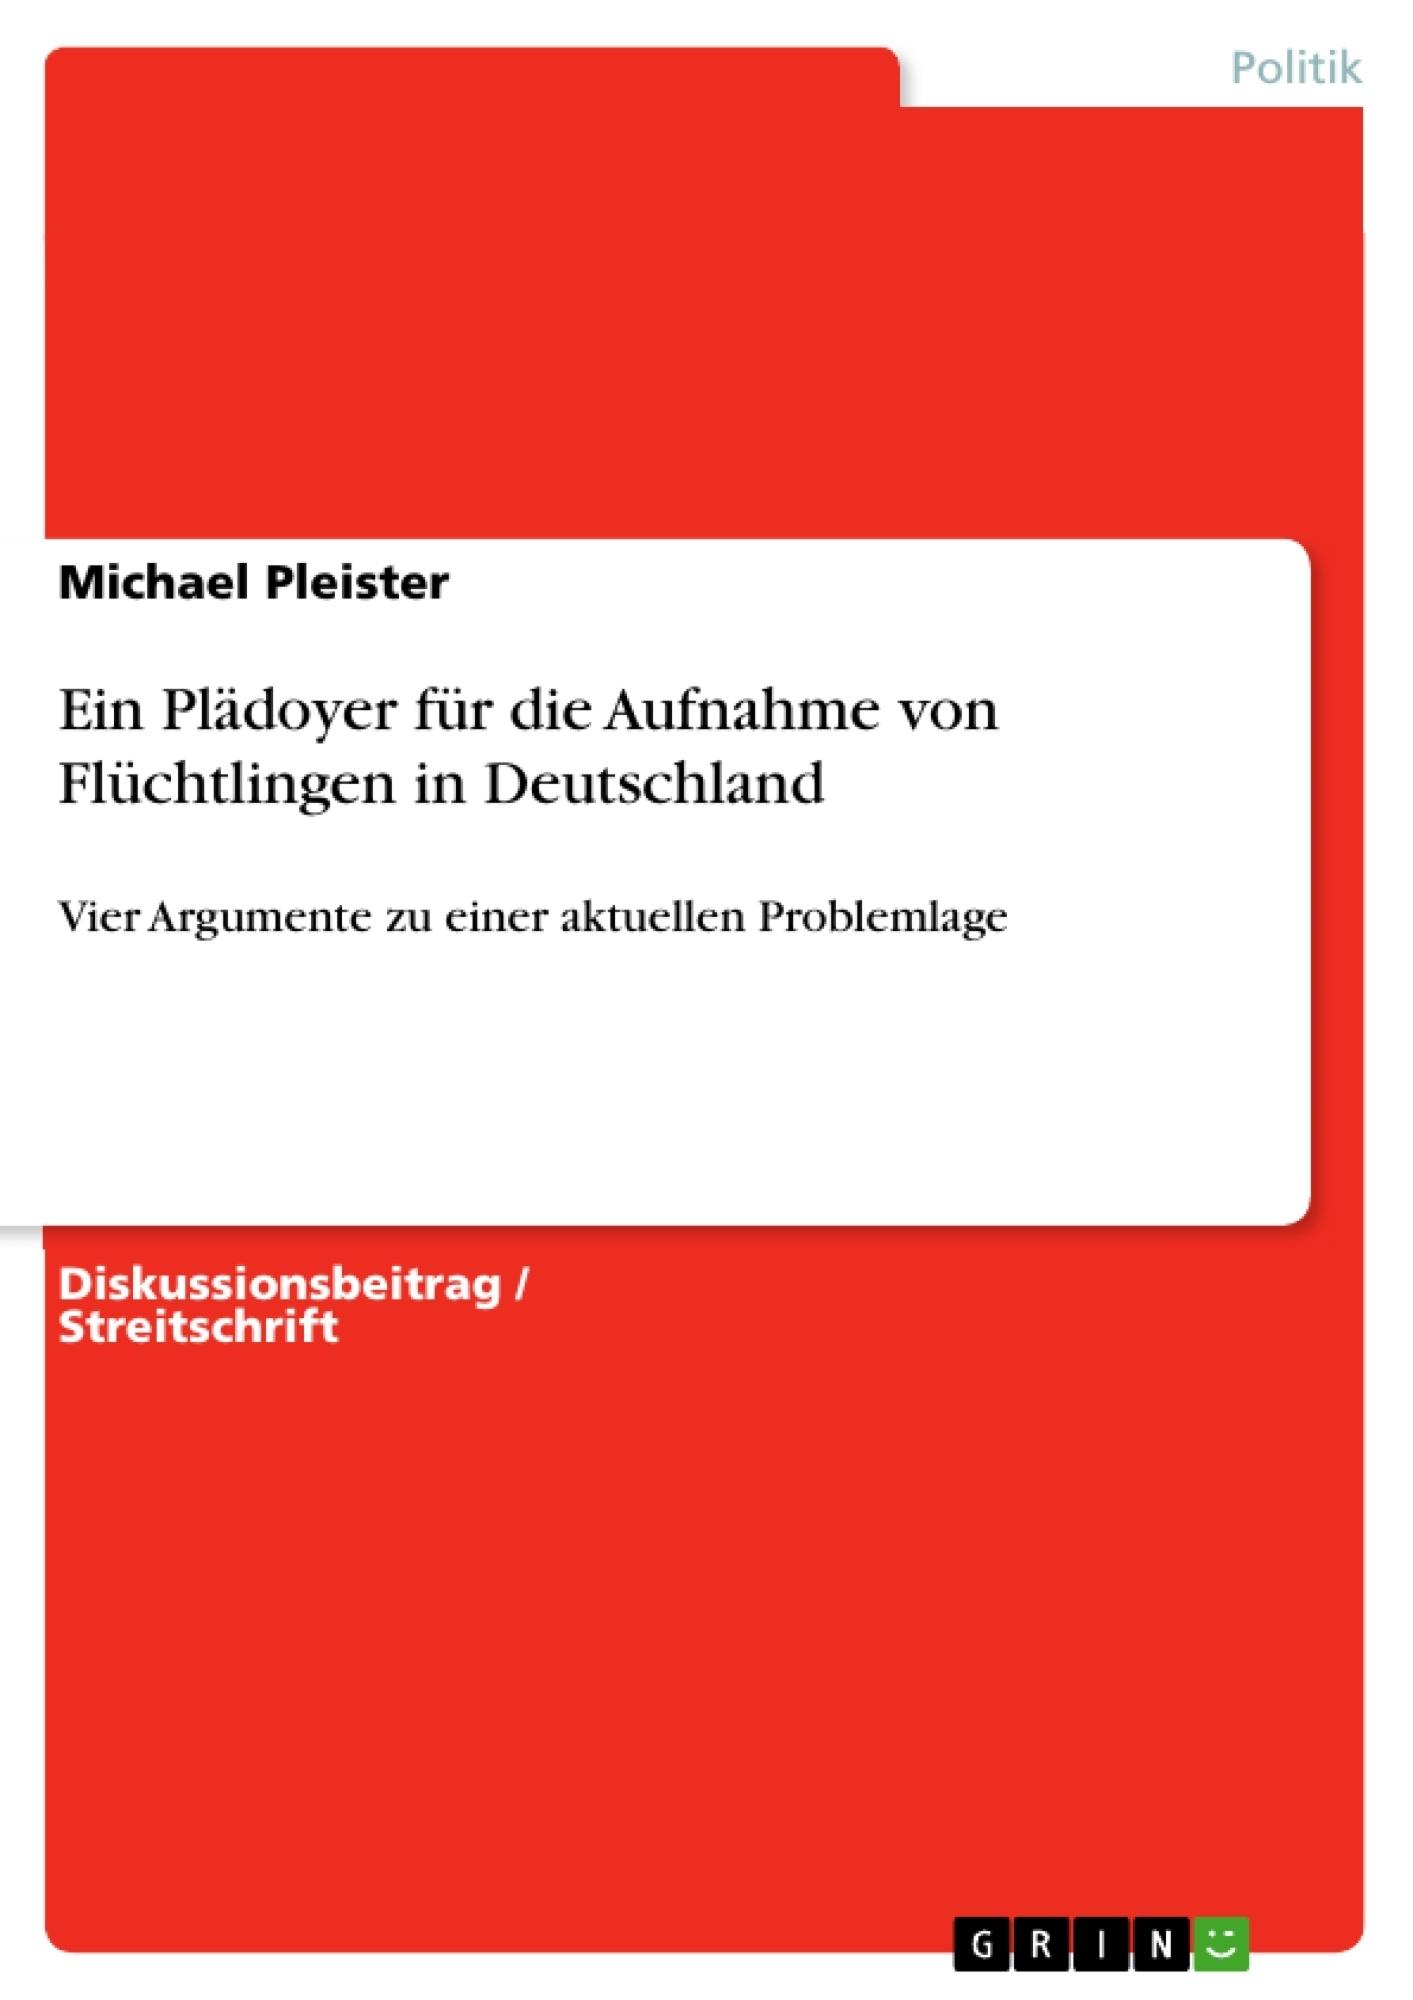 Titel: Ein Plädoyer für die Aufnahme von Flüchtlingen in Deutschland